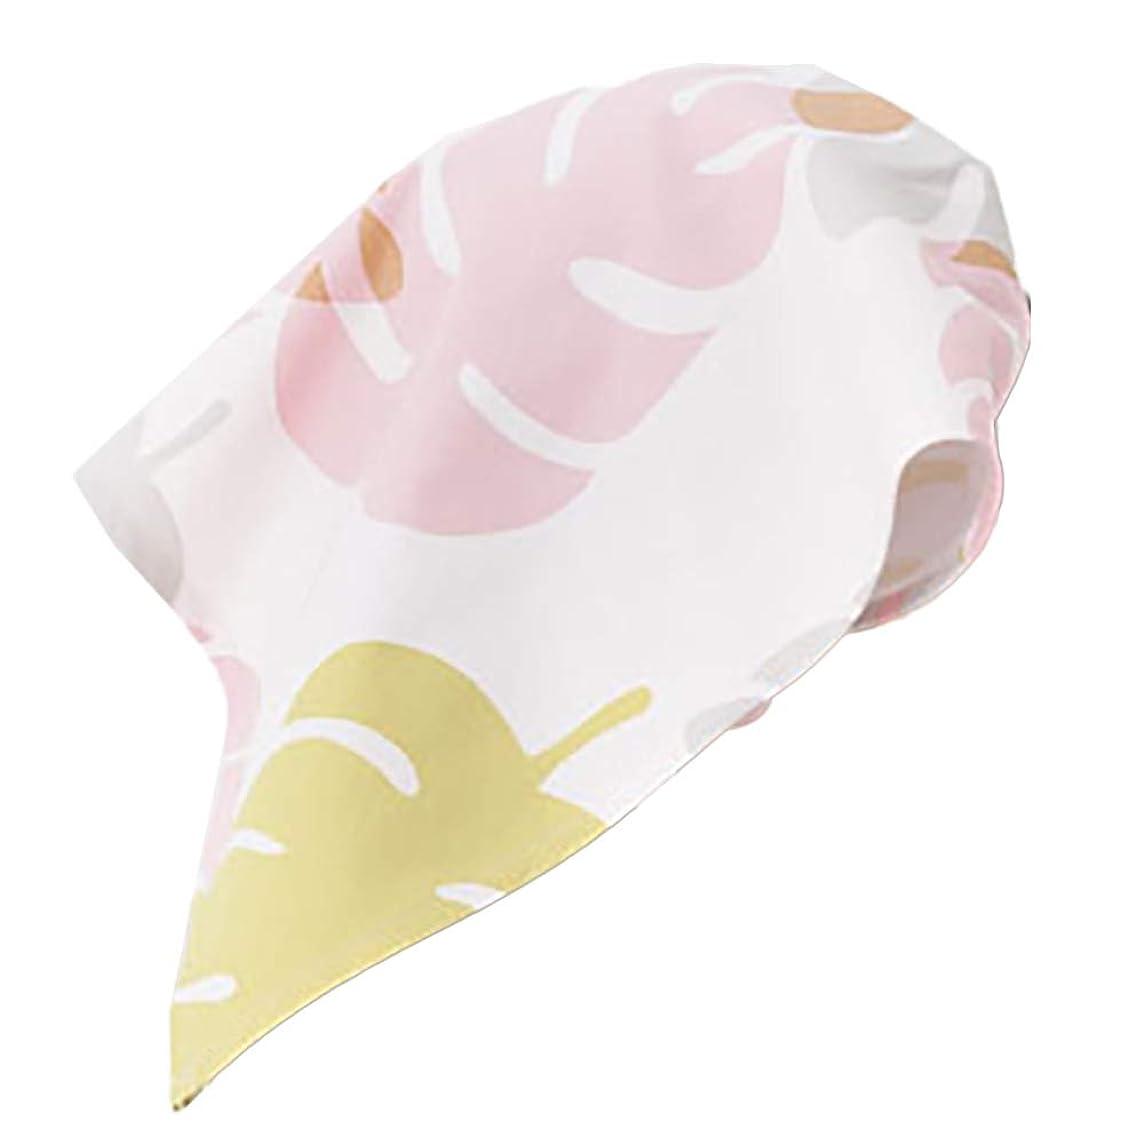 知人版アレンジ【ネコポス発送200円】【SA0034】三角巾(モンステラ?ピンク)【日本製】